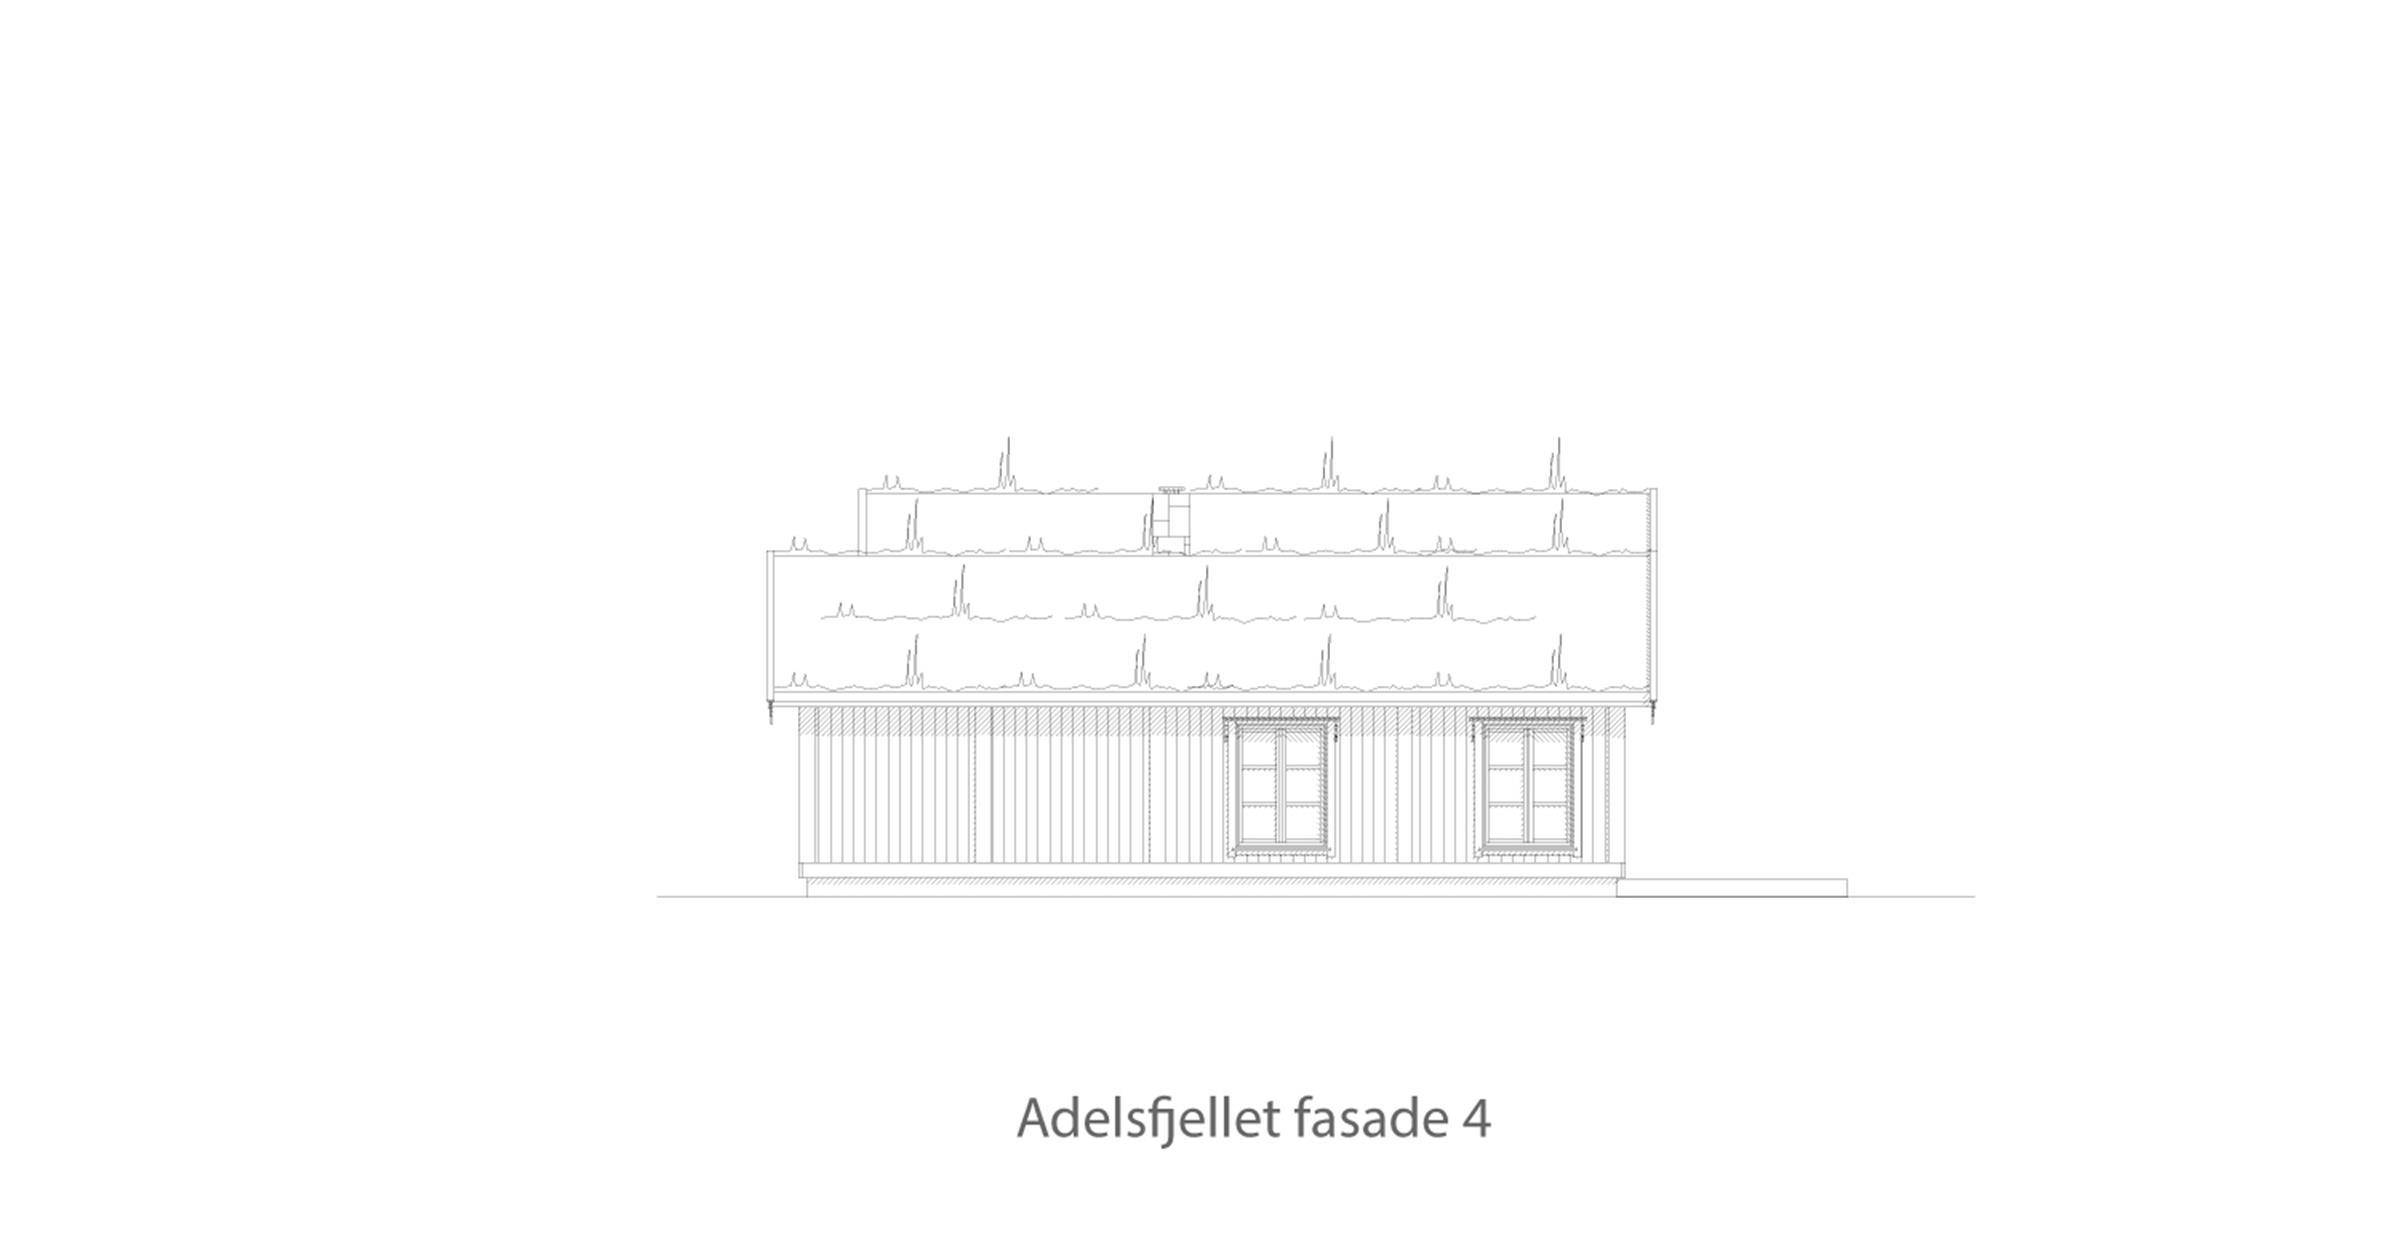 Adelsfjellet fasade 4